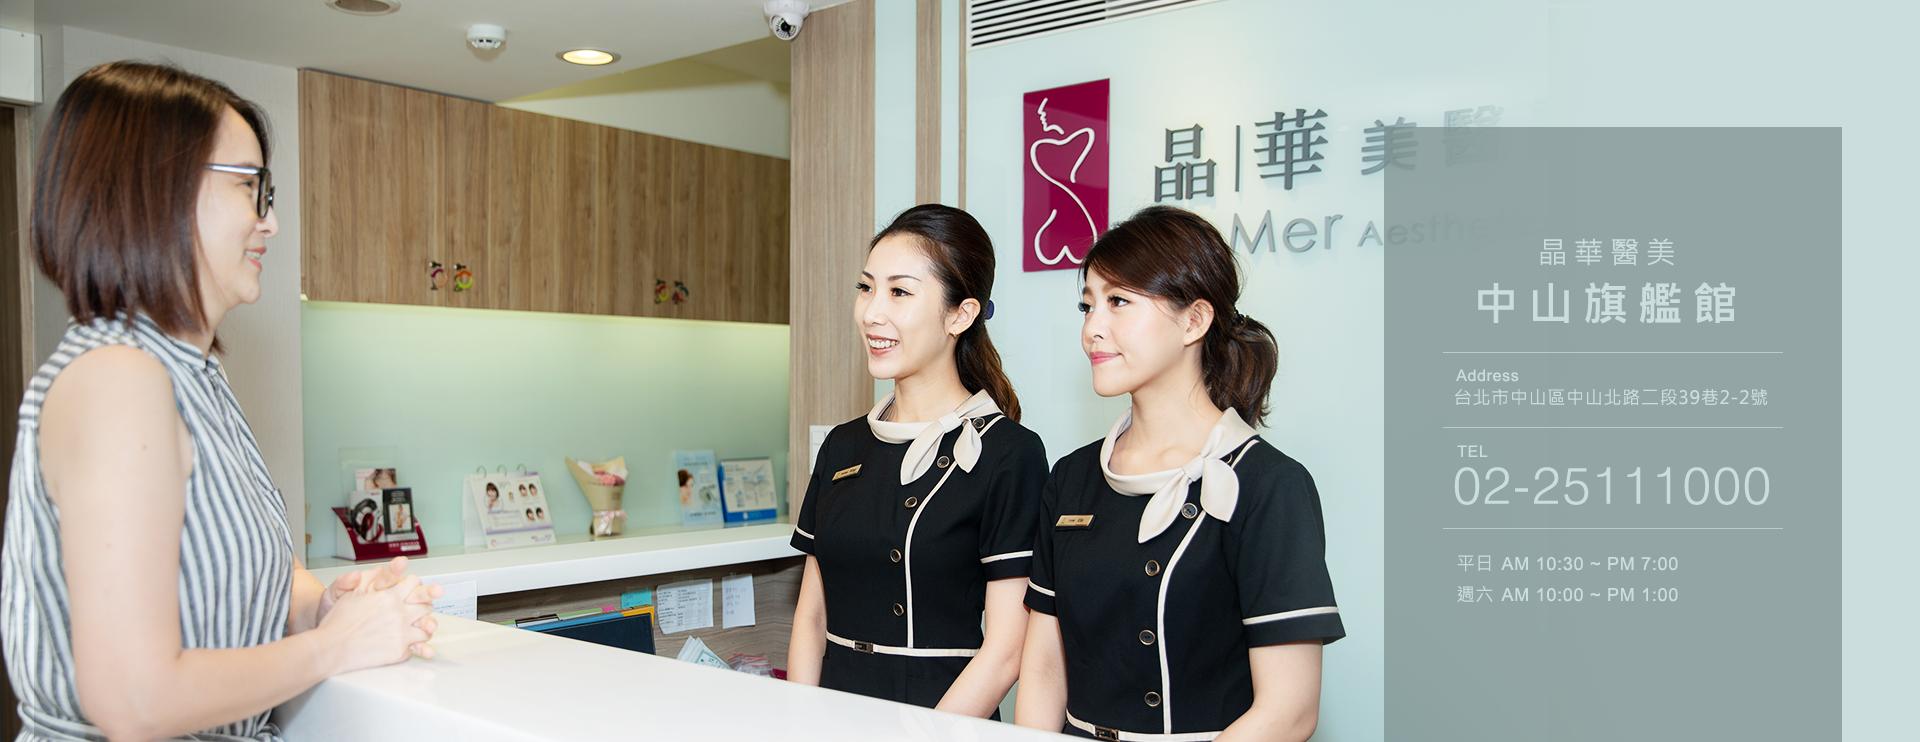 台北醫美診所,台北整形外科,台北醫美,台北削骨手術,台北隆乳手術,台北隆鼻,台北隆鼻手術